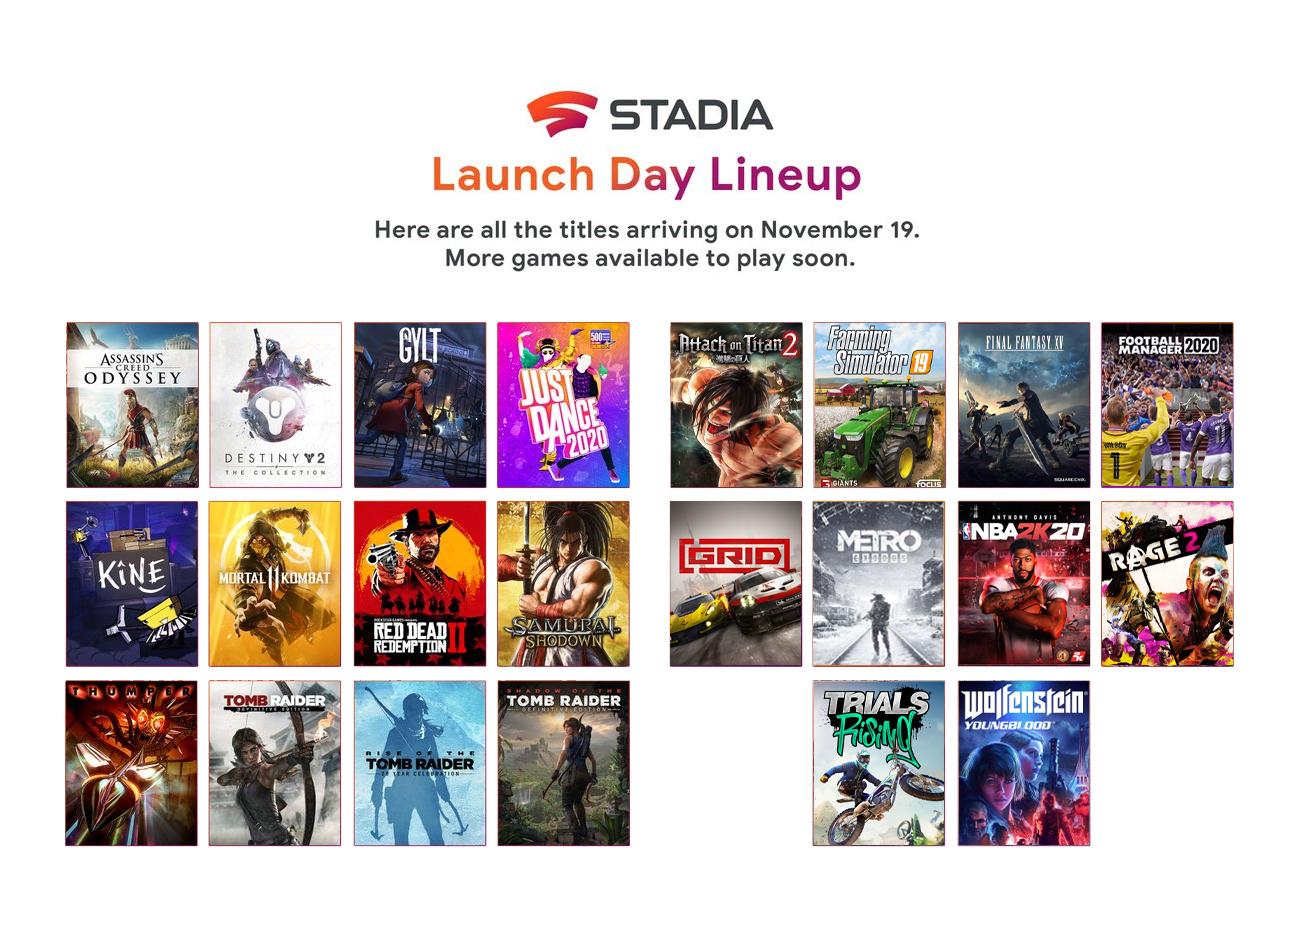 Google annonce 10 jeux supplémentaires pour le lancement de Stadia demain